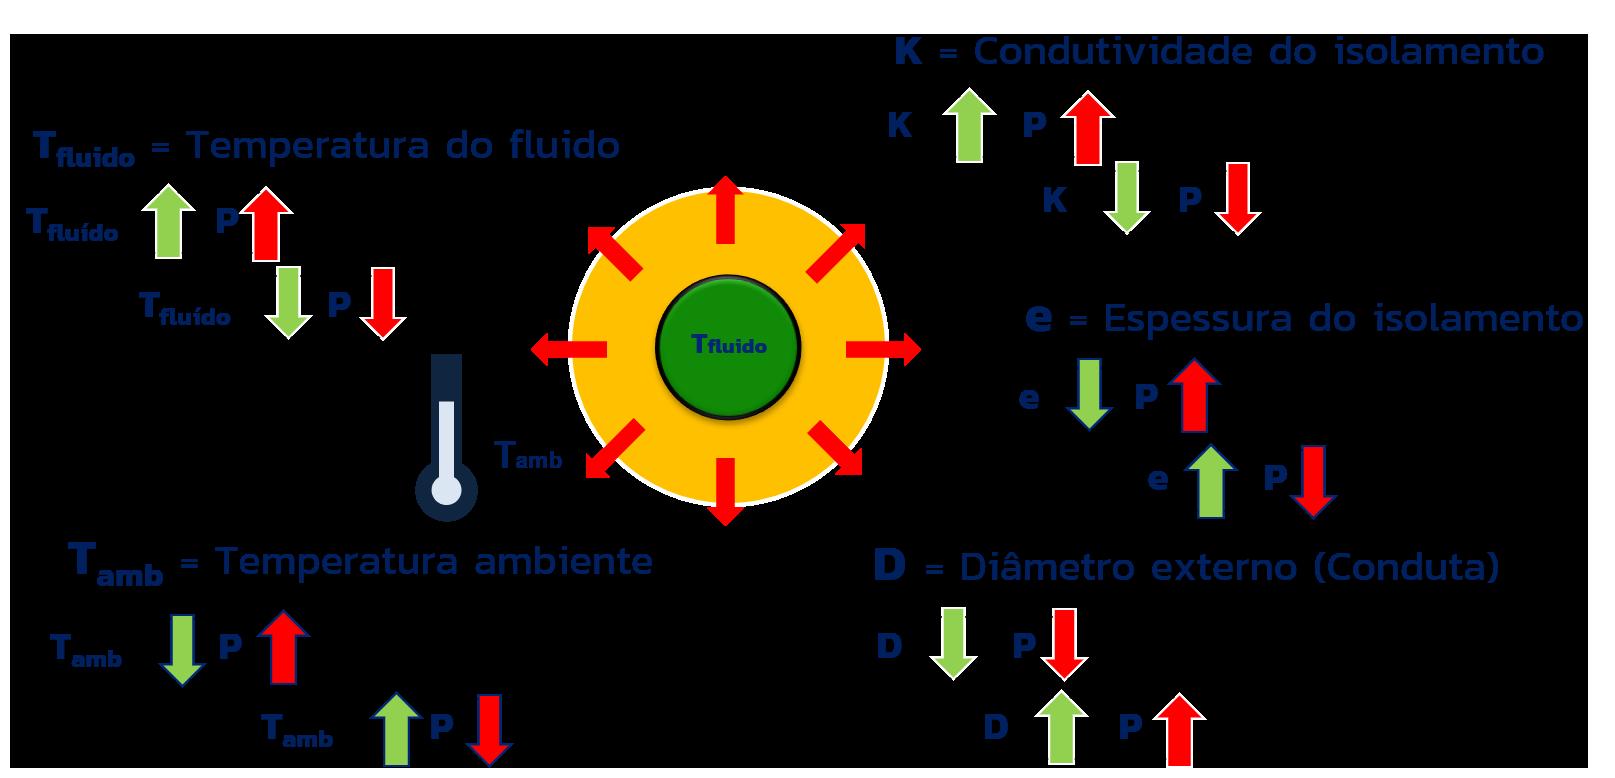 Variações das variáveis nas perdas de calor